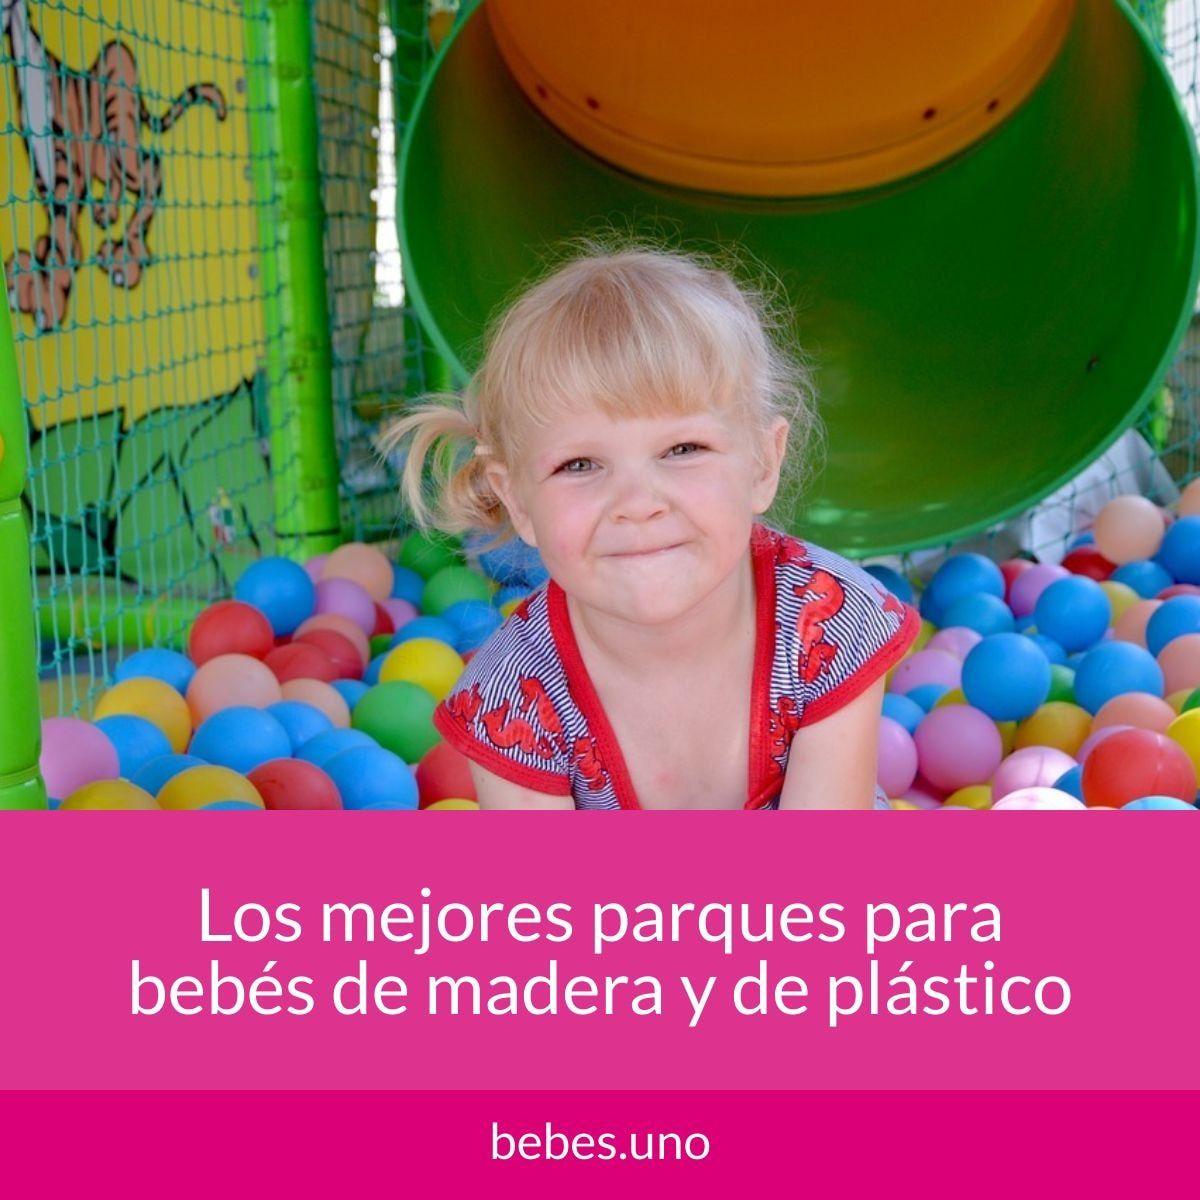 Necesitas Un Buen Parque Para Bebés No Sabes Si Comprar Un Parque De Madera O De Plástico Necesitas Un Corralito Para Parque Para Bebés Bebe Corral Bebes